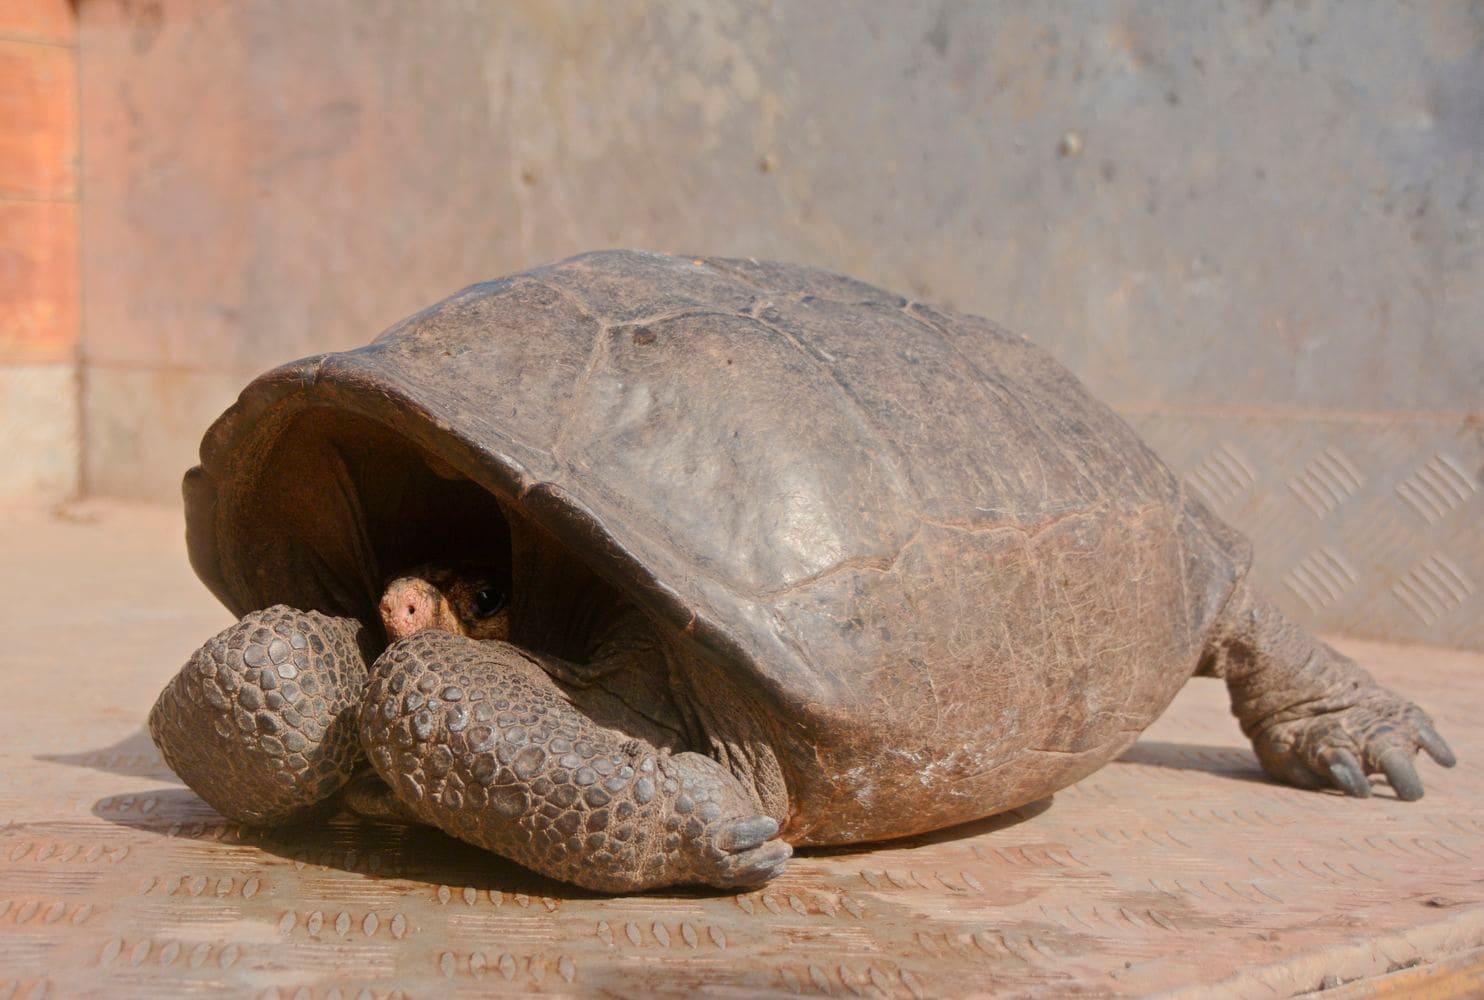 На Галапагосских островах нашли черепаху, чей вид считался вымершим более 100 лет назад